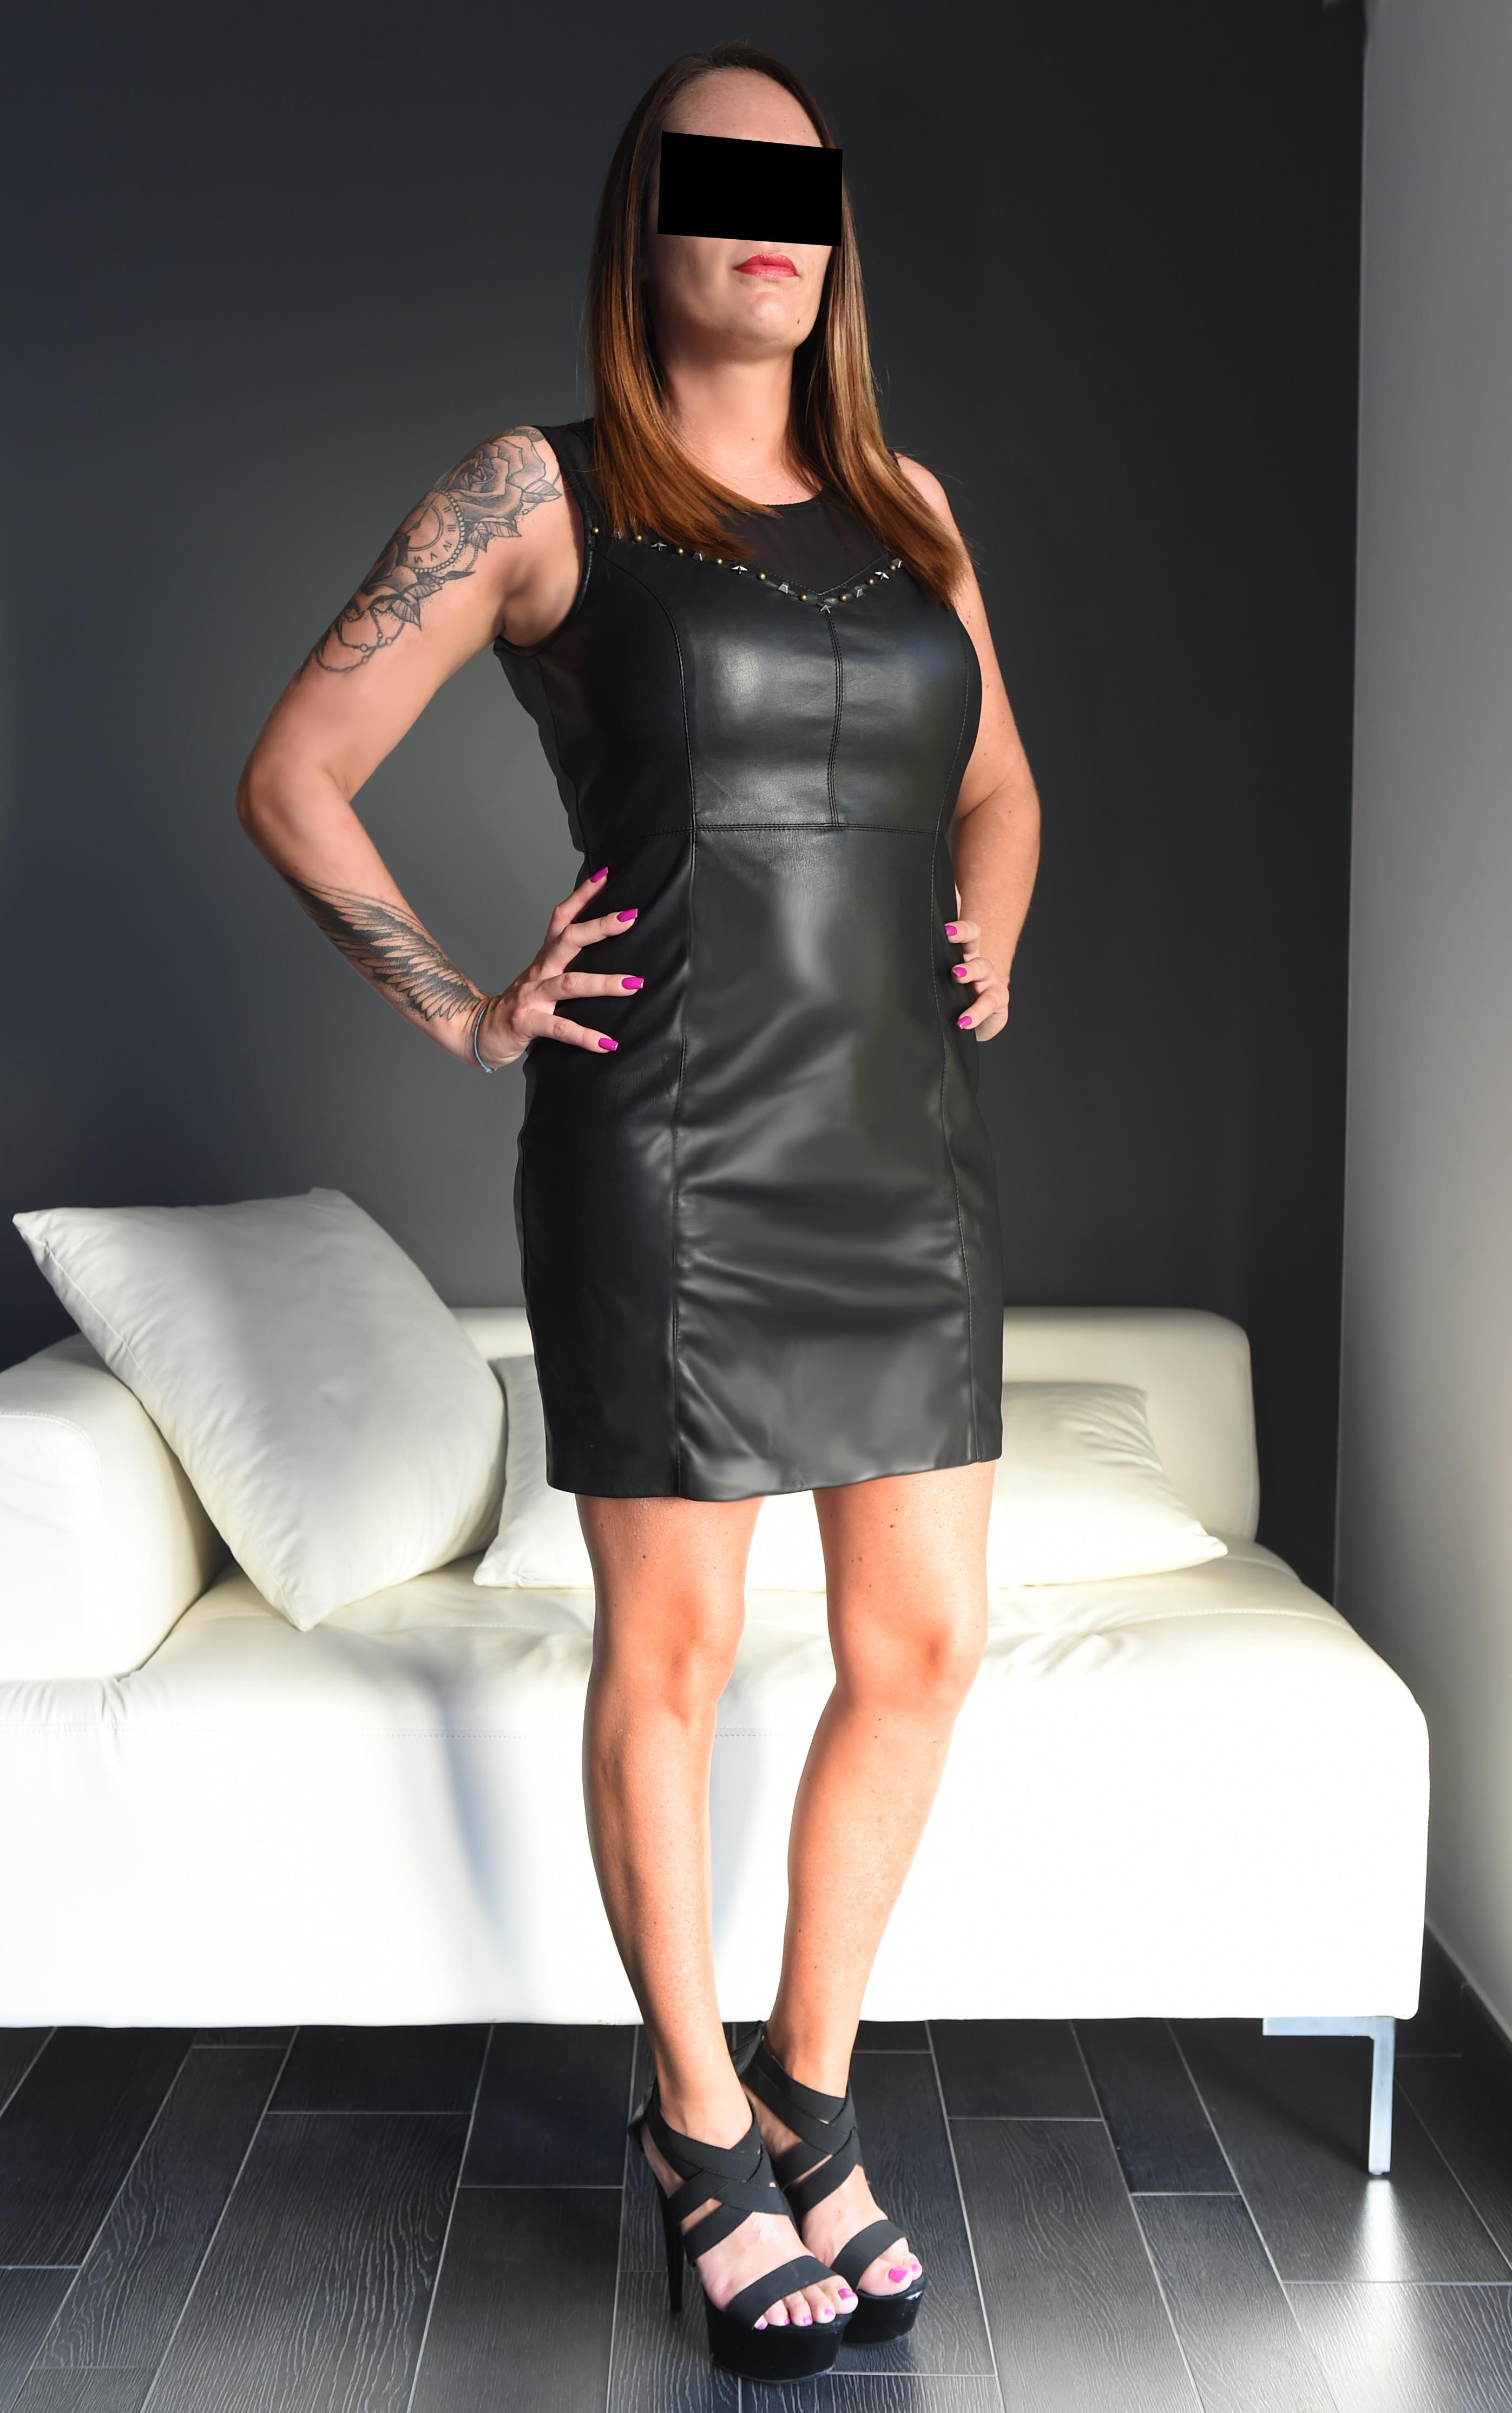 Julia from Elle Agency